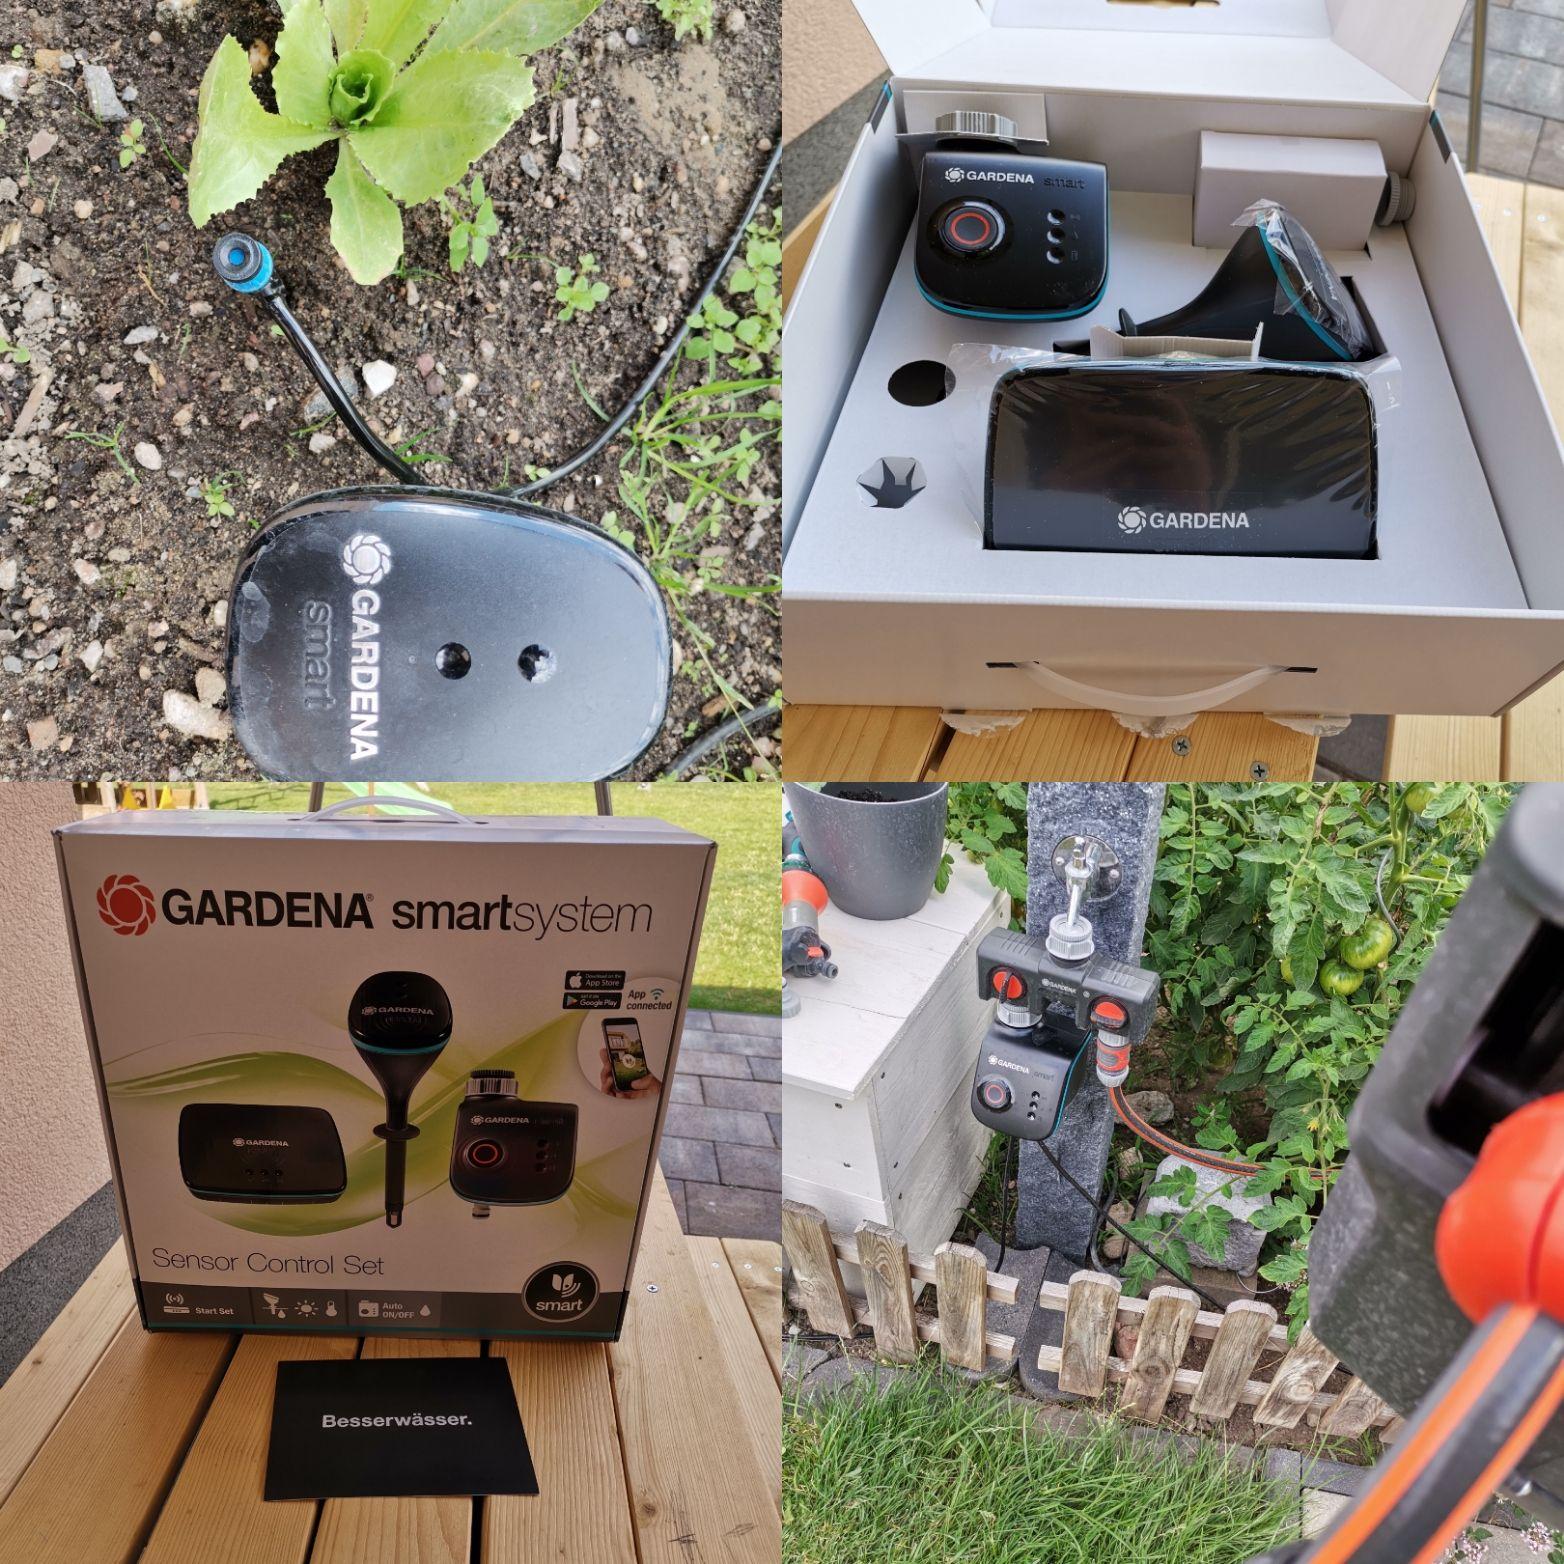 Der Smarte Garten Rasenpflege Bewasserungscomputer Beerenstraucher